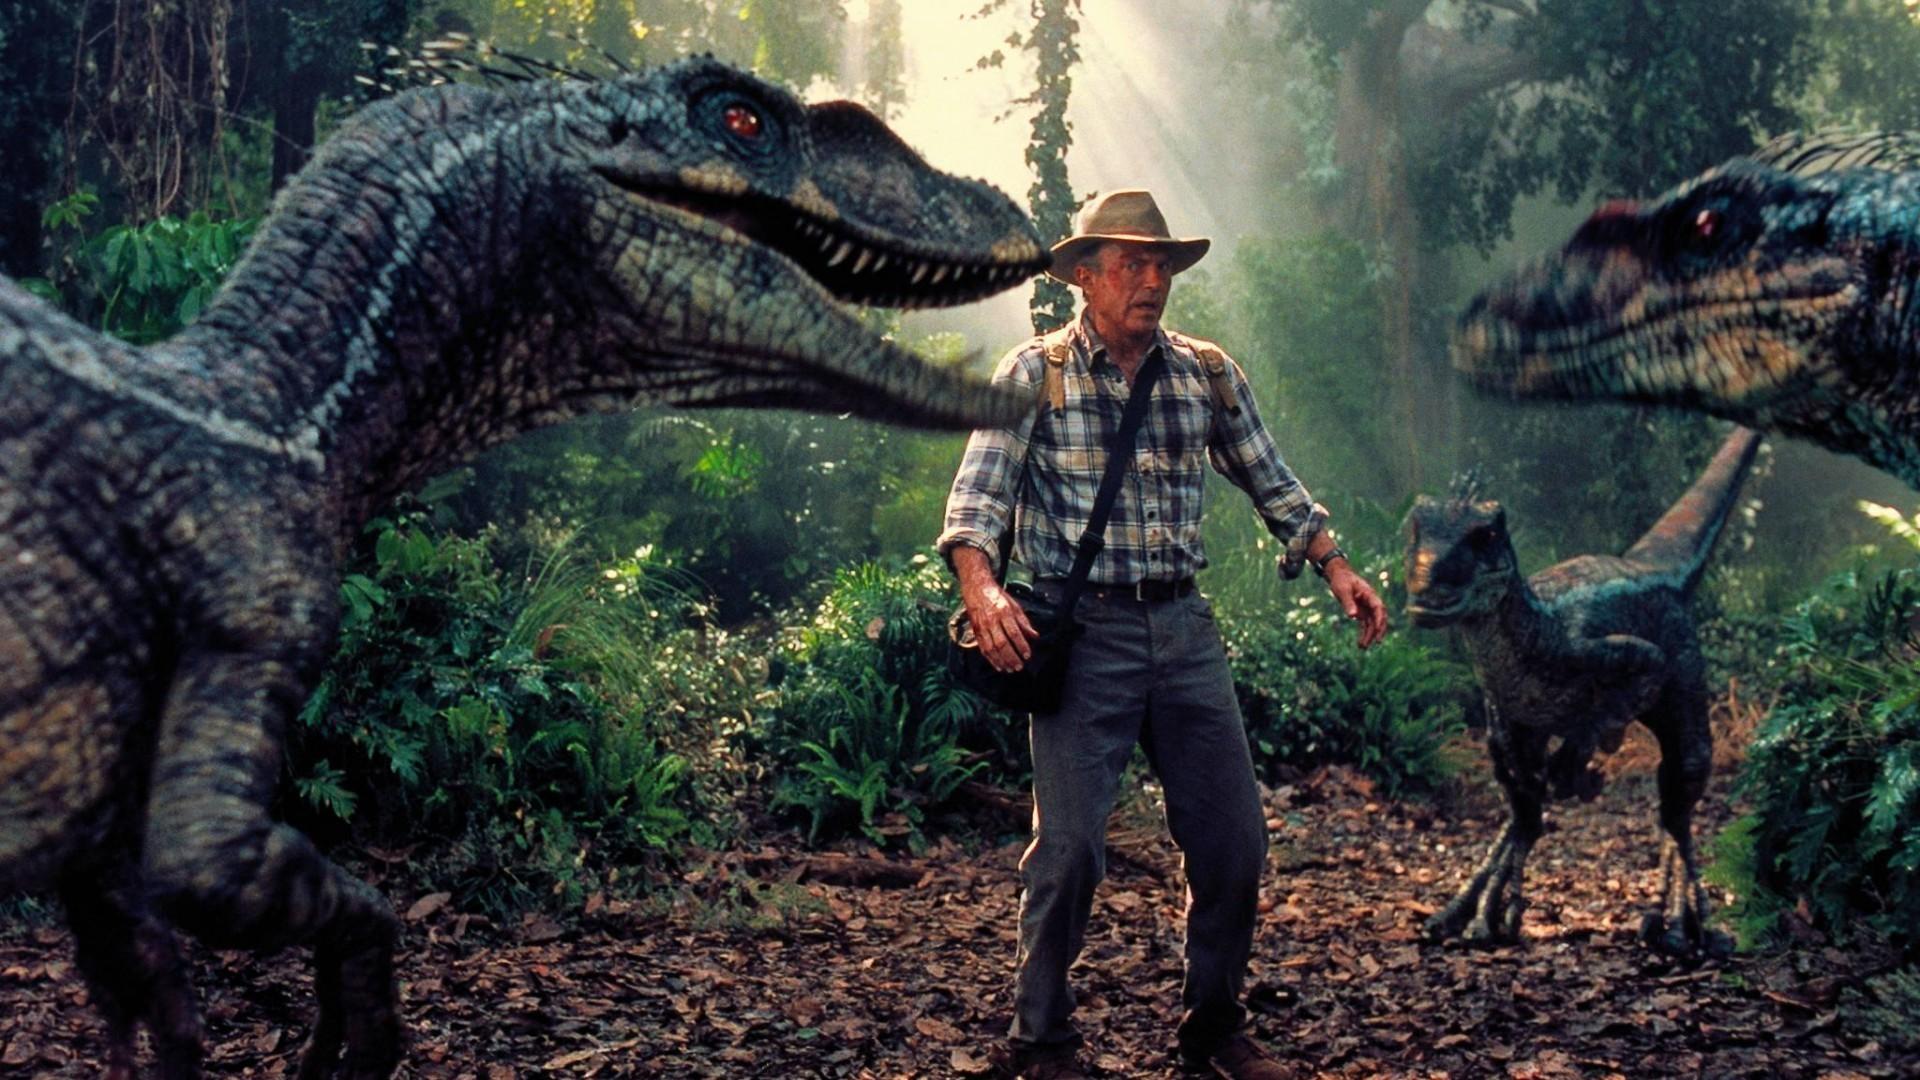 Res: 1920x1080, Download Jurassic Park 3 HD:938-HGC Pics, ModaF.com